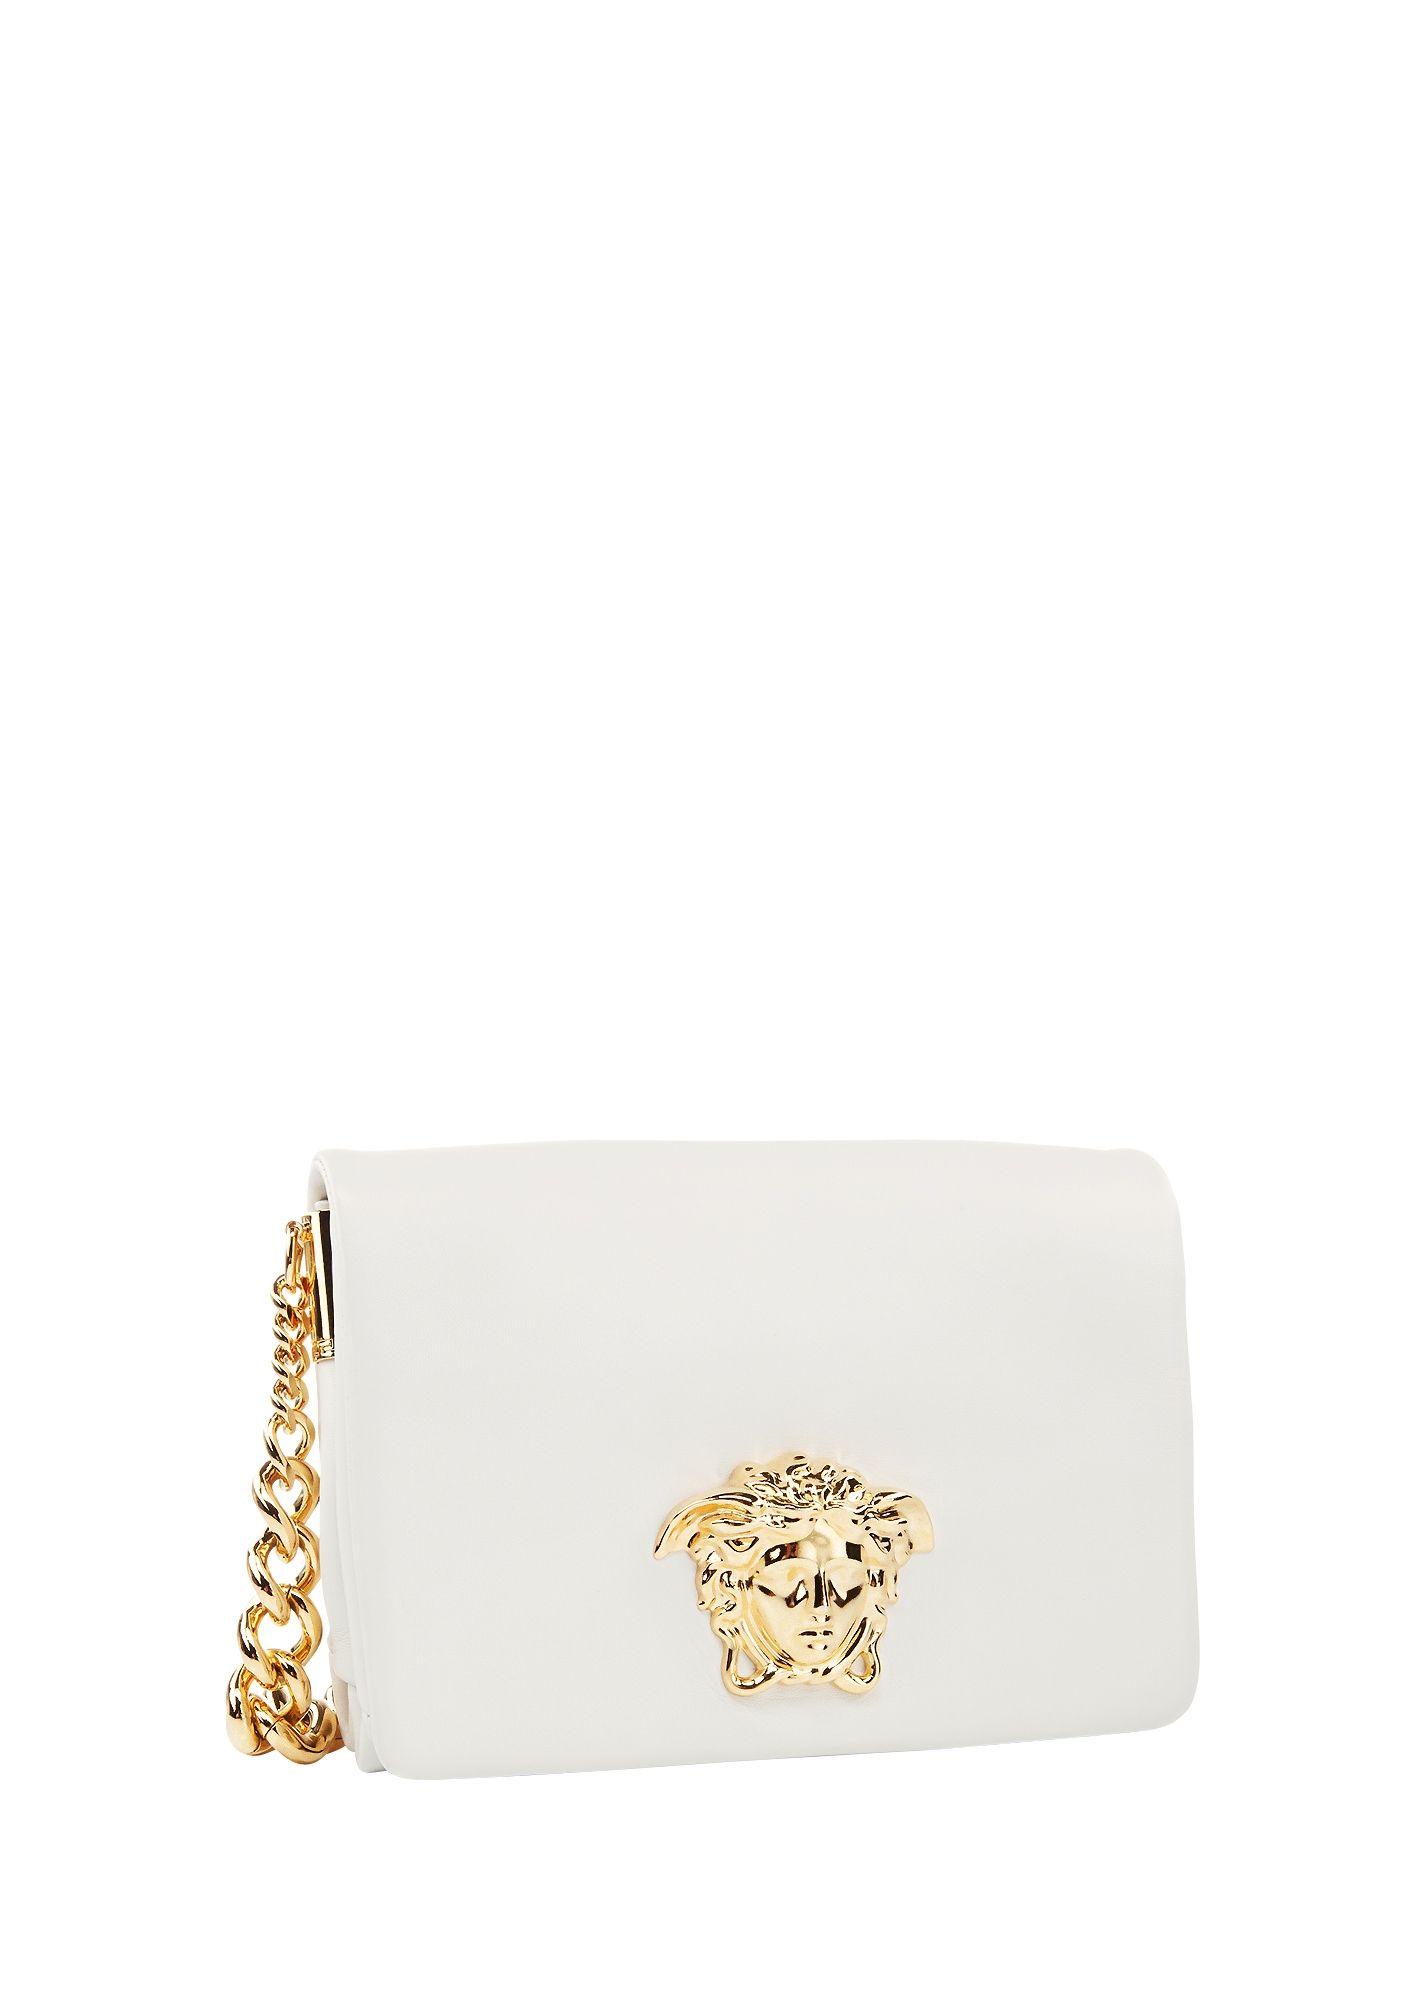 This white  Versace Palazzo handbag adc7b1bbc7bd2